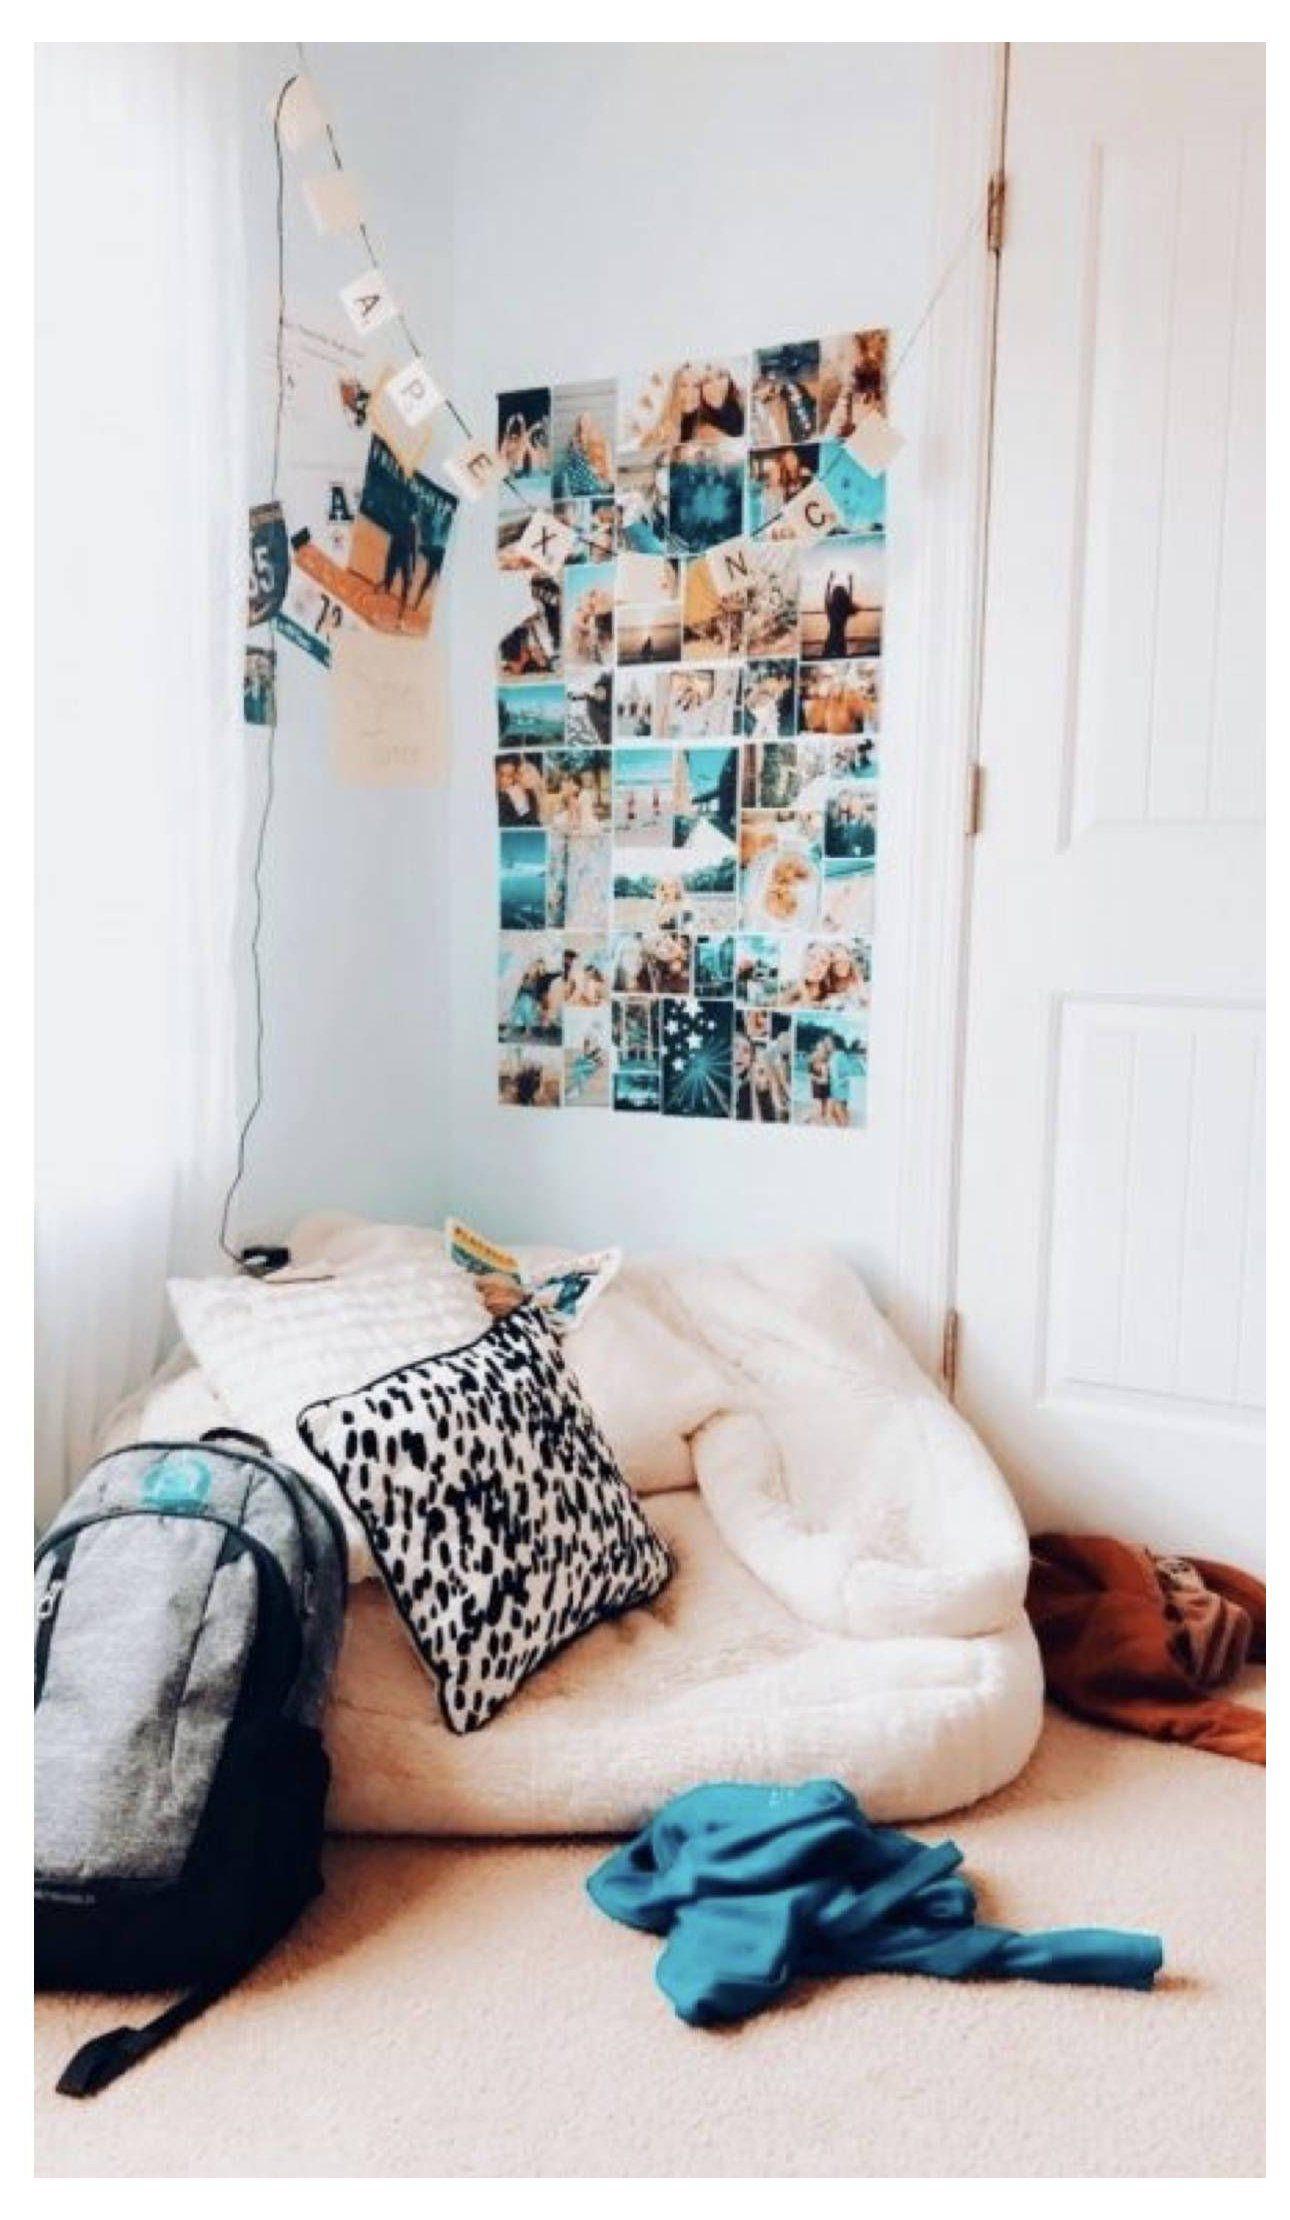 10 Vsco Bedroom Ideas For The Vsco Girl Vsco Girl Room Inspiration Vscogirlroominspiration Vsco Girl Room Ideas Dorm Room Inspiration Room Decor Girl Room